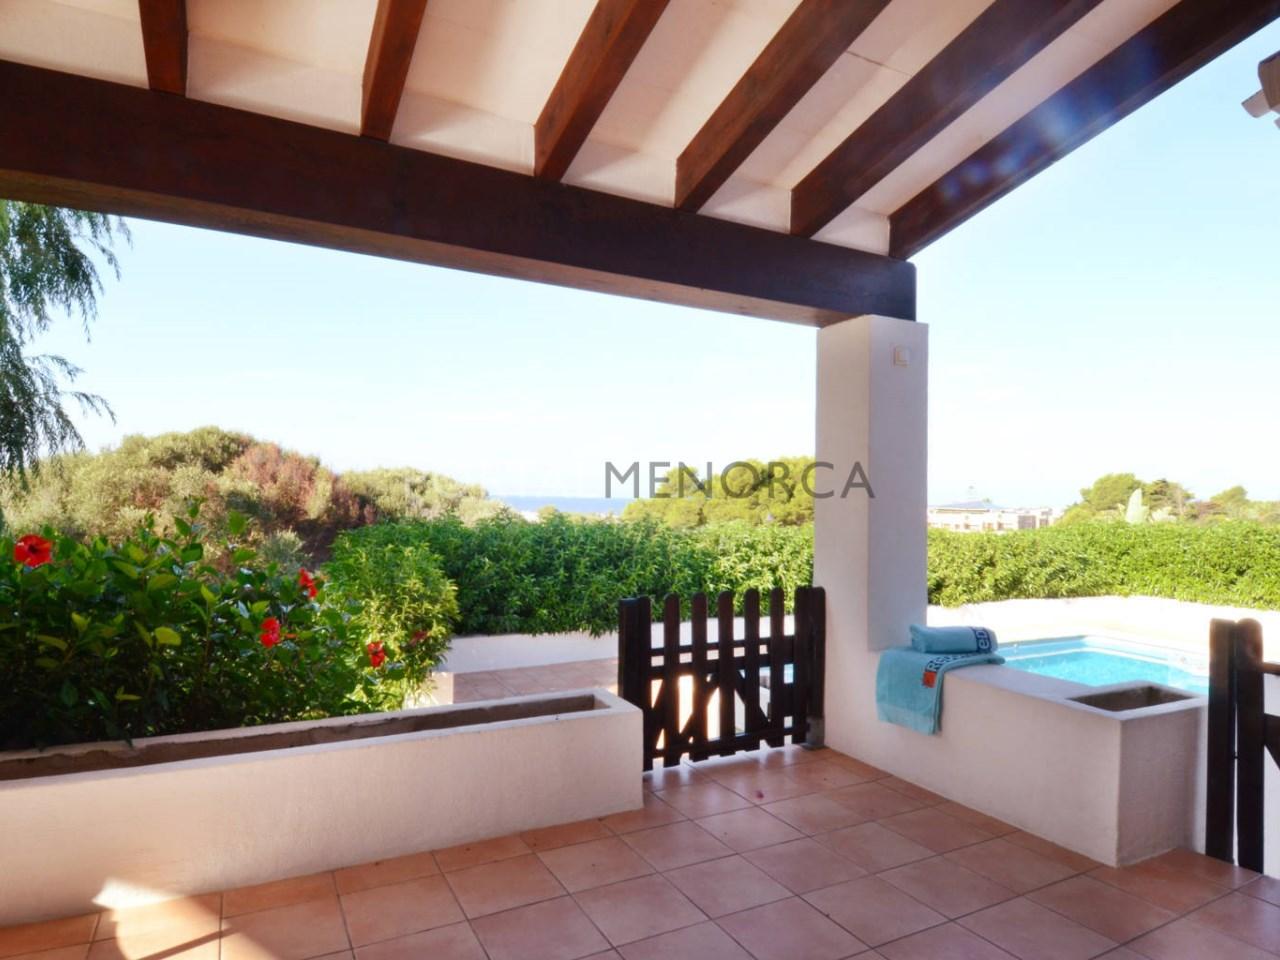 Casa cerca de la playa en venta en Menorca